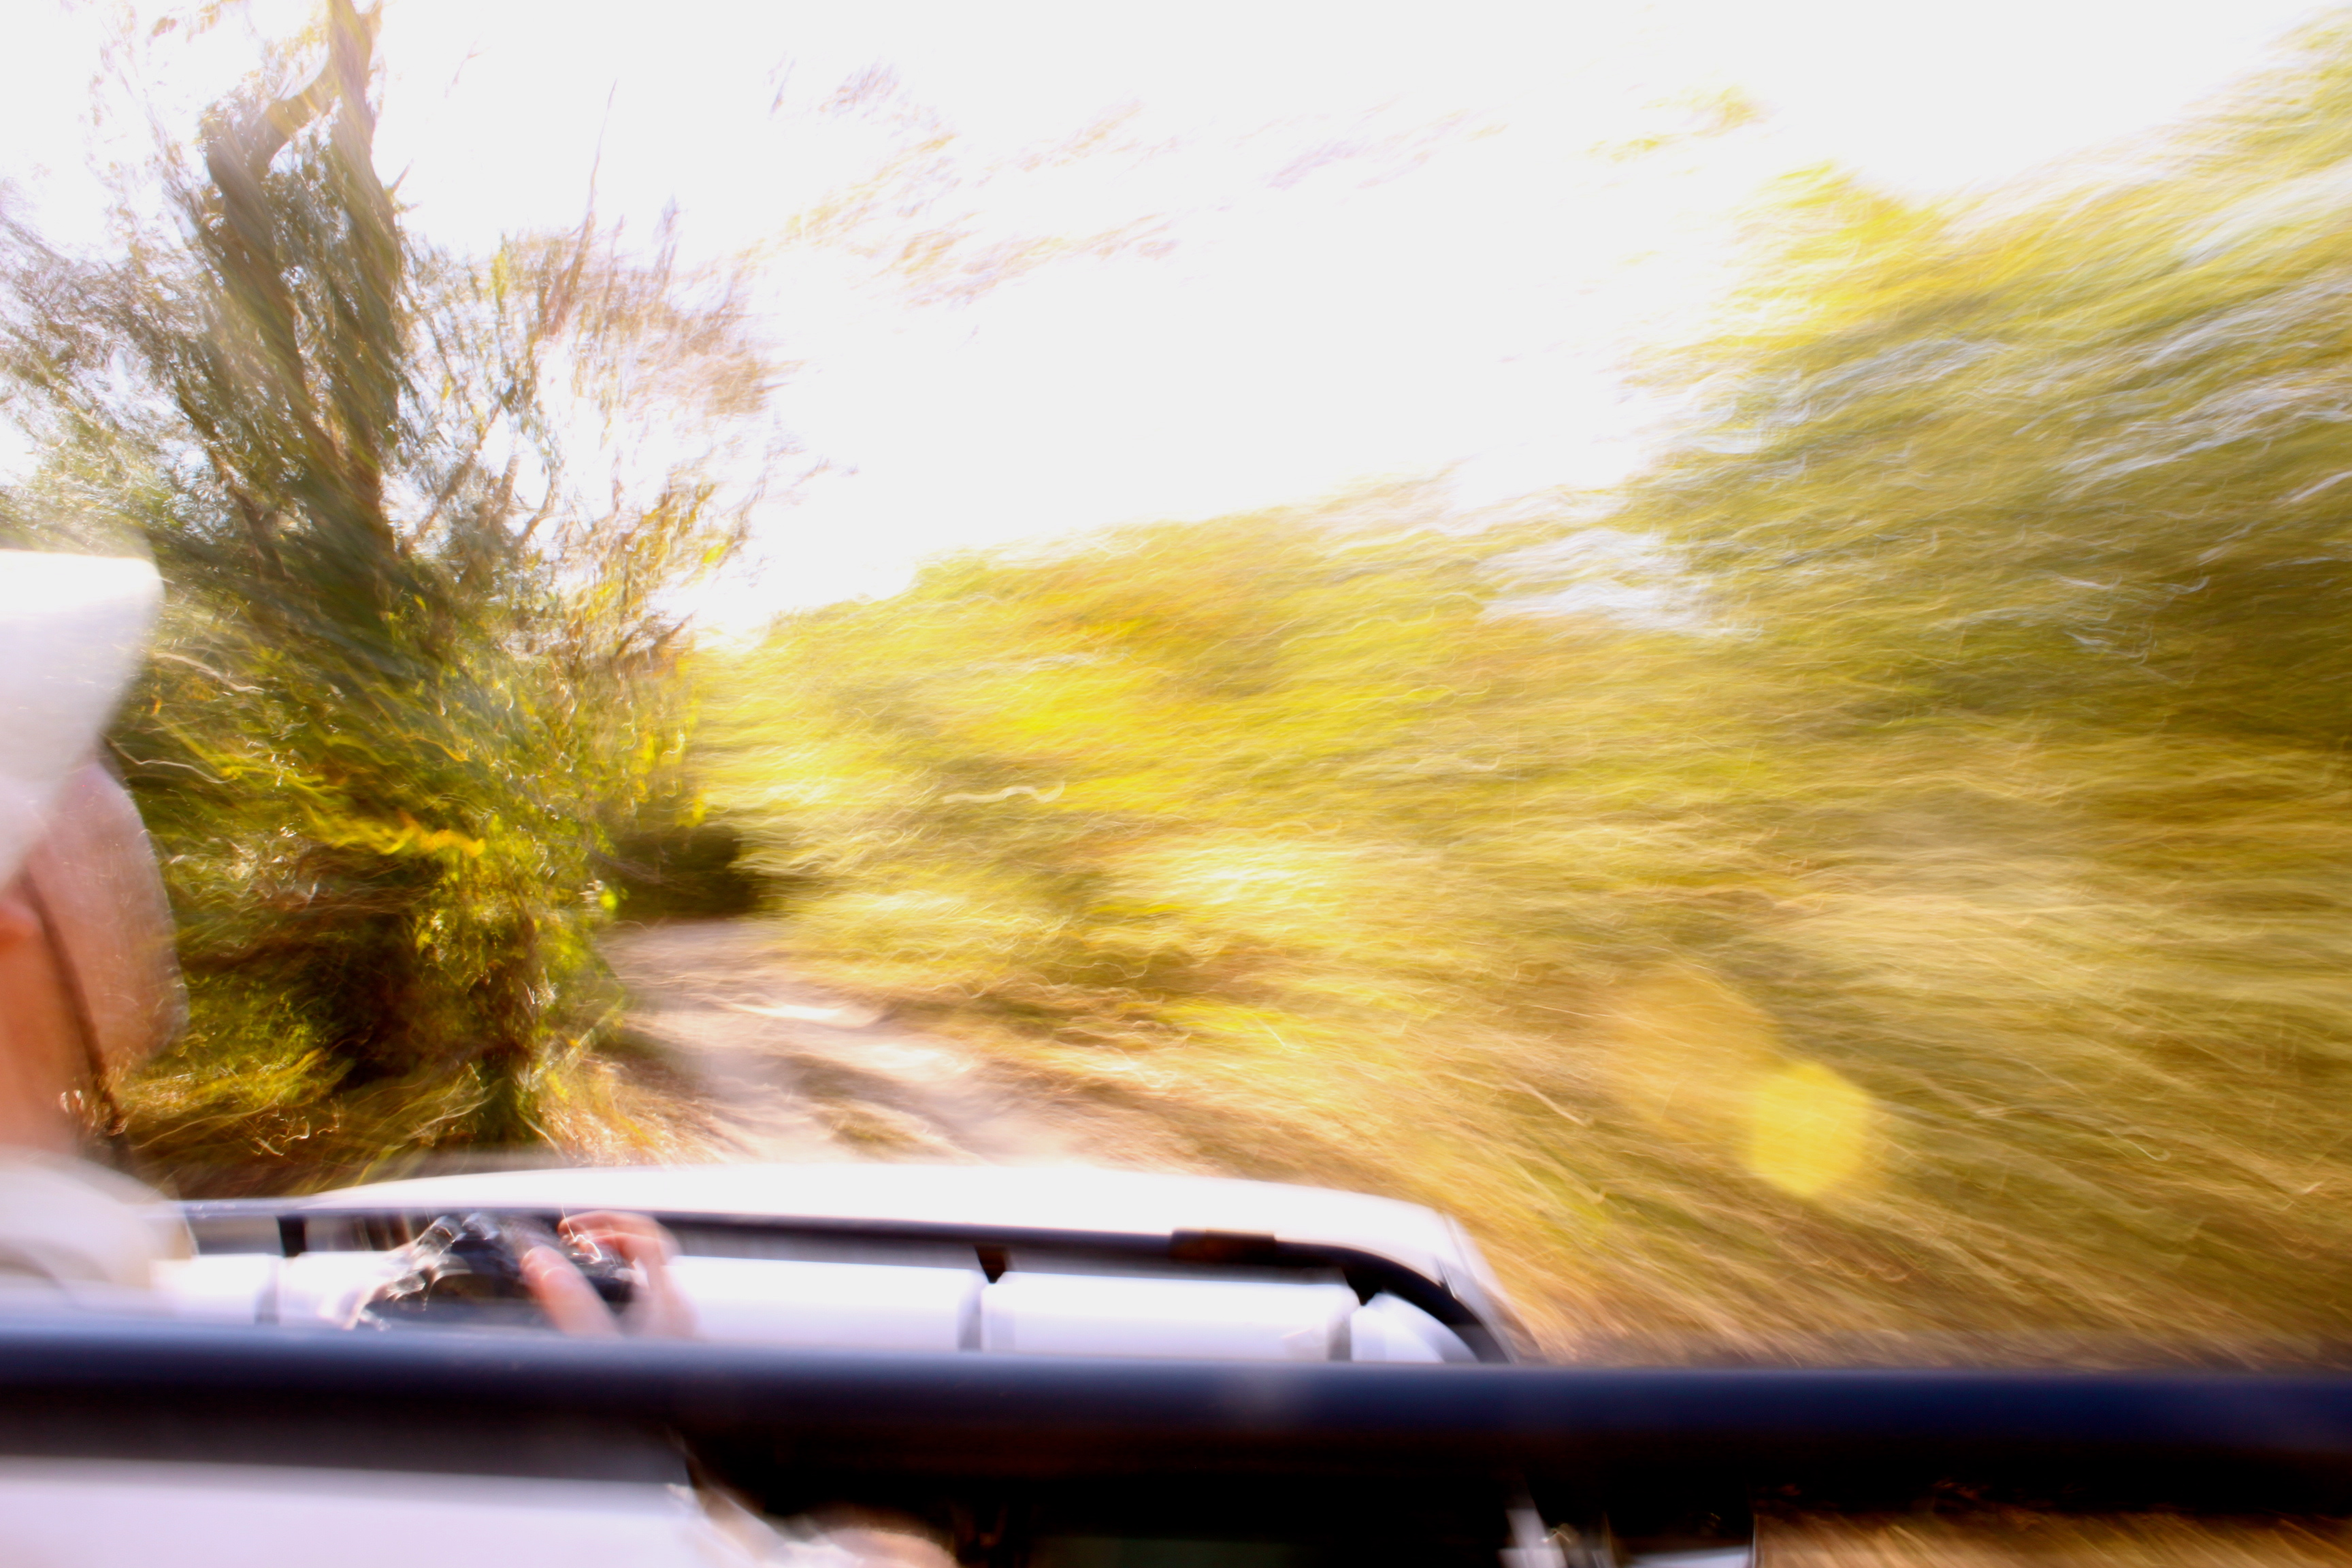 safari pantanal brazil embiara